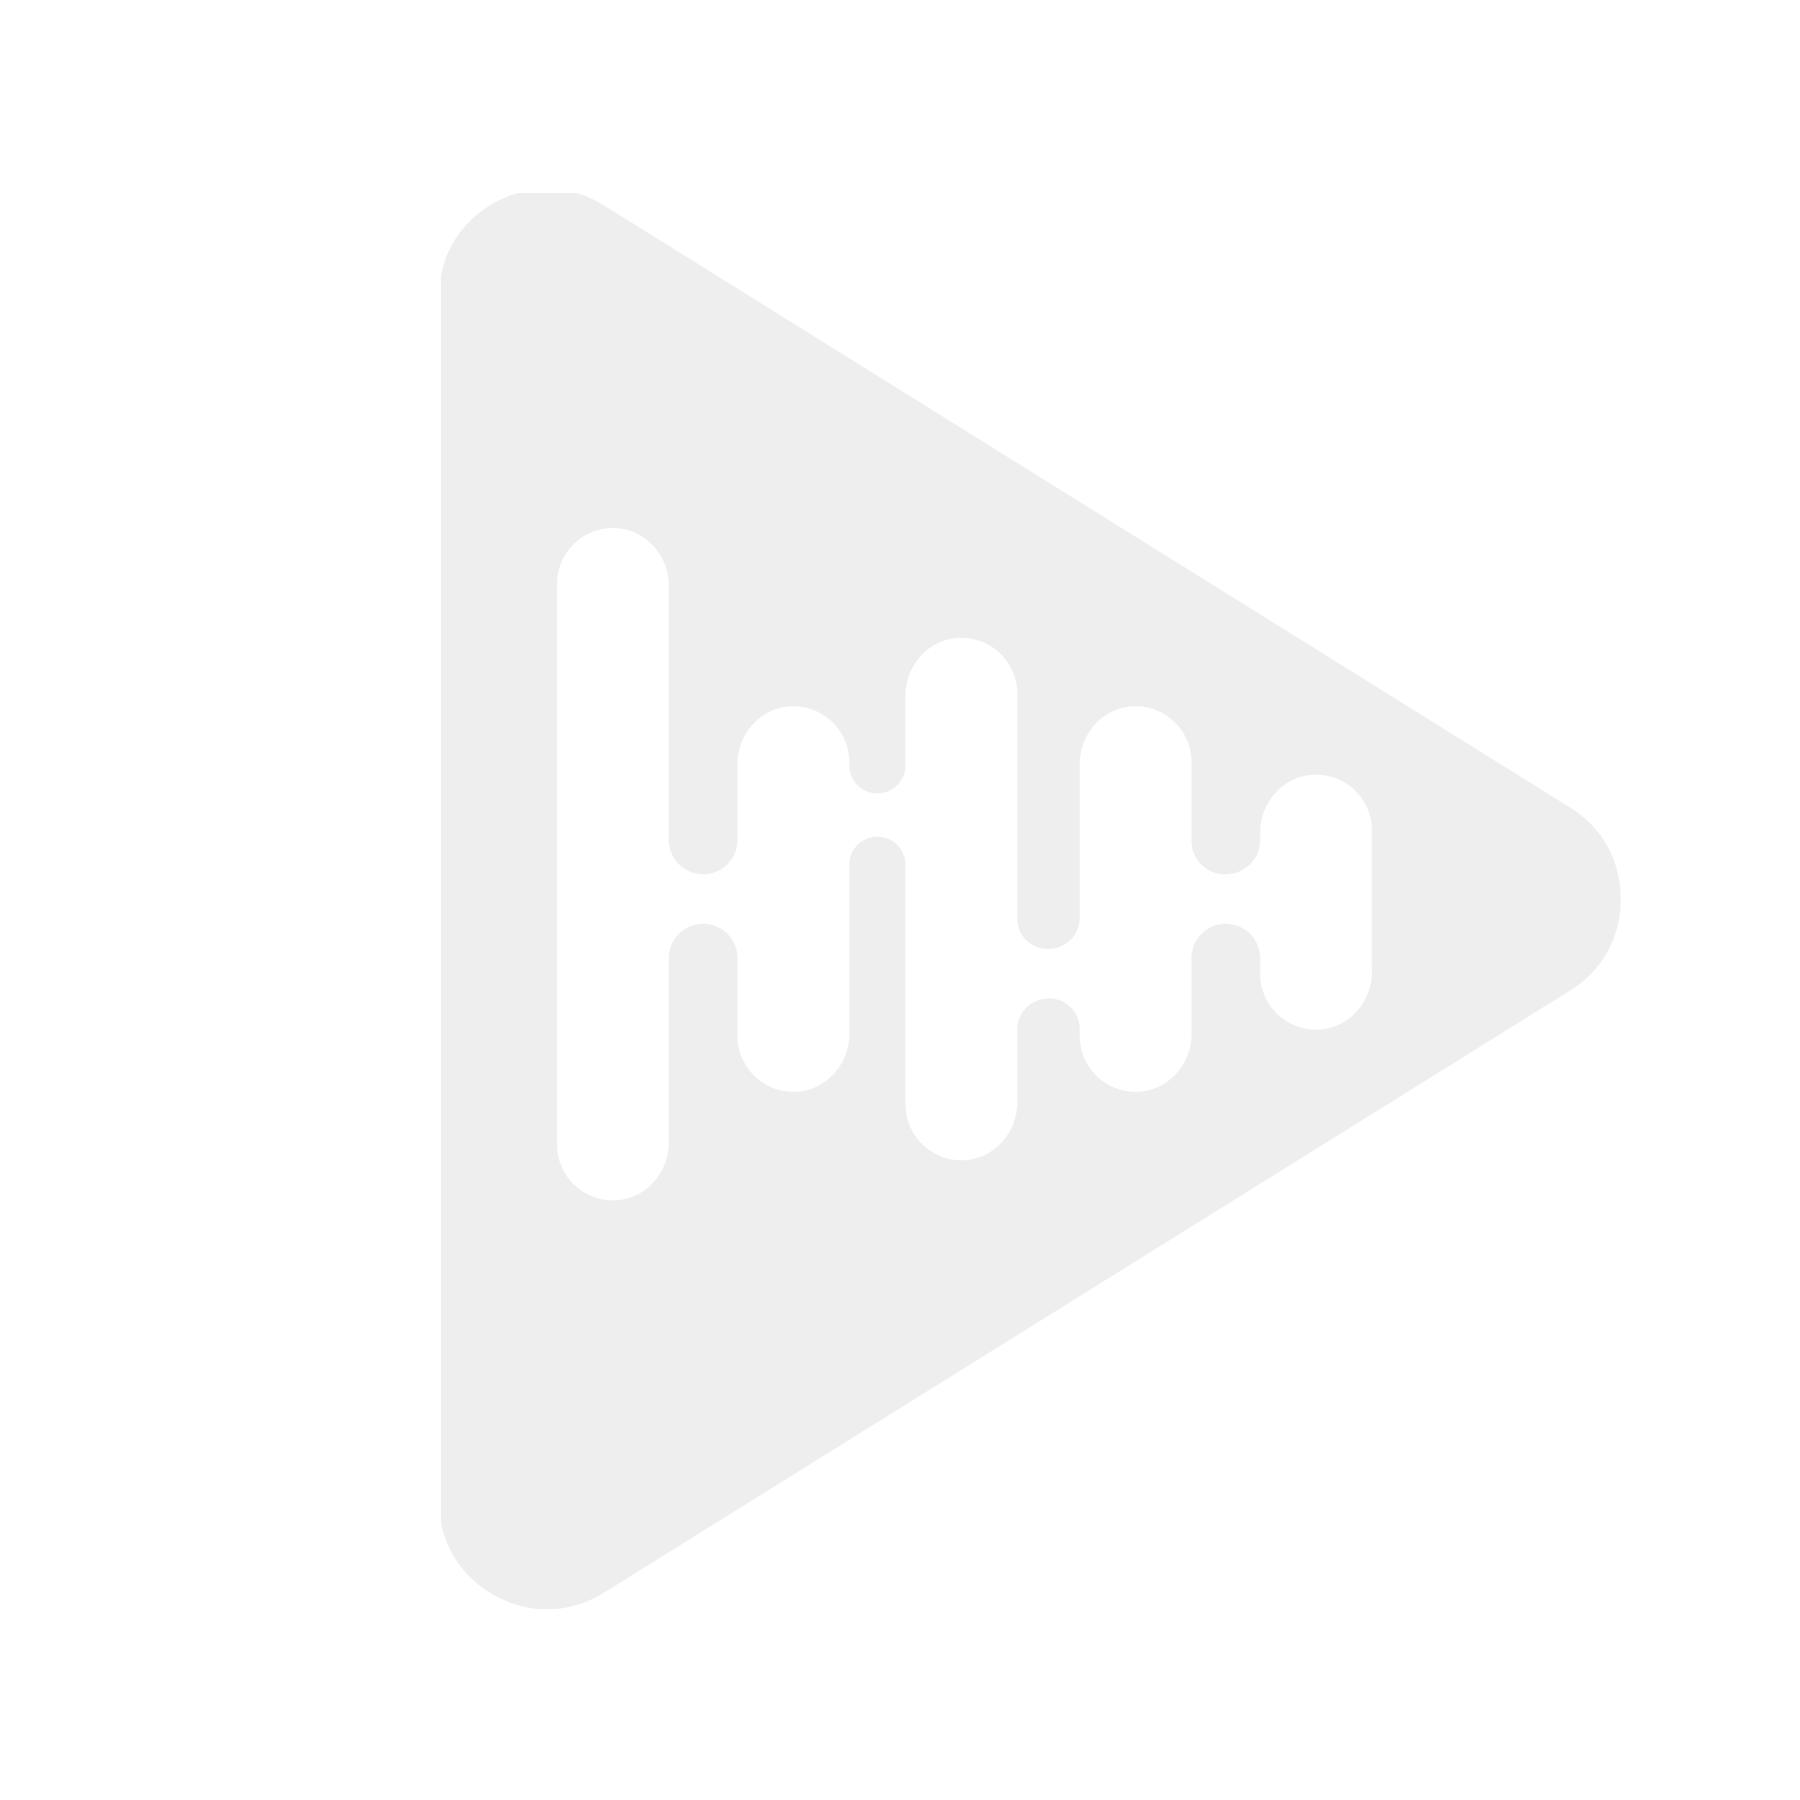 Hertz Mille Pro MP 300 D4.3